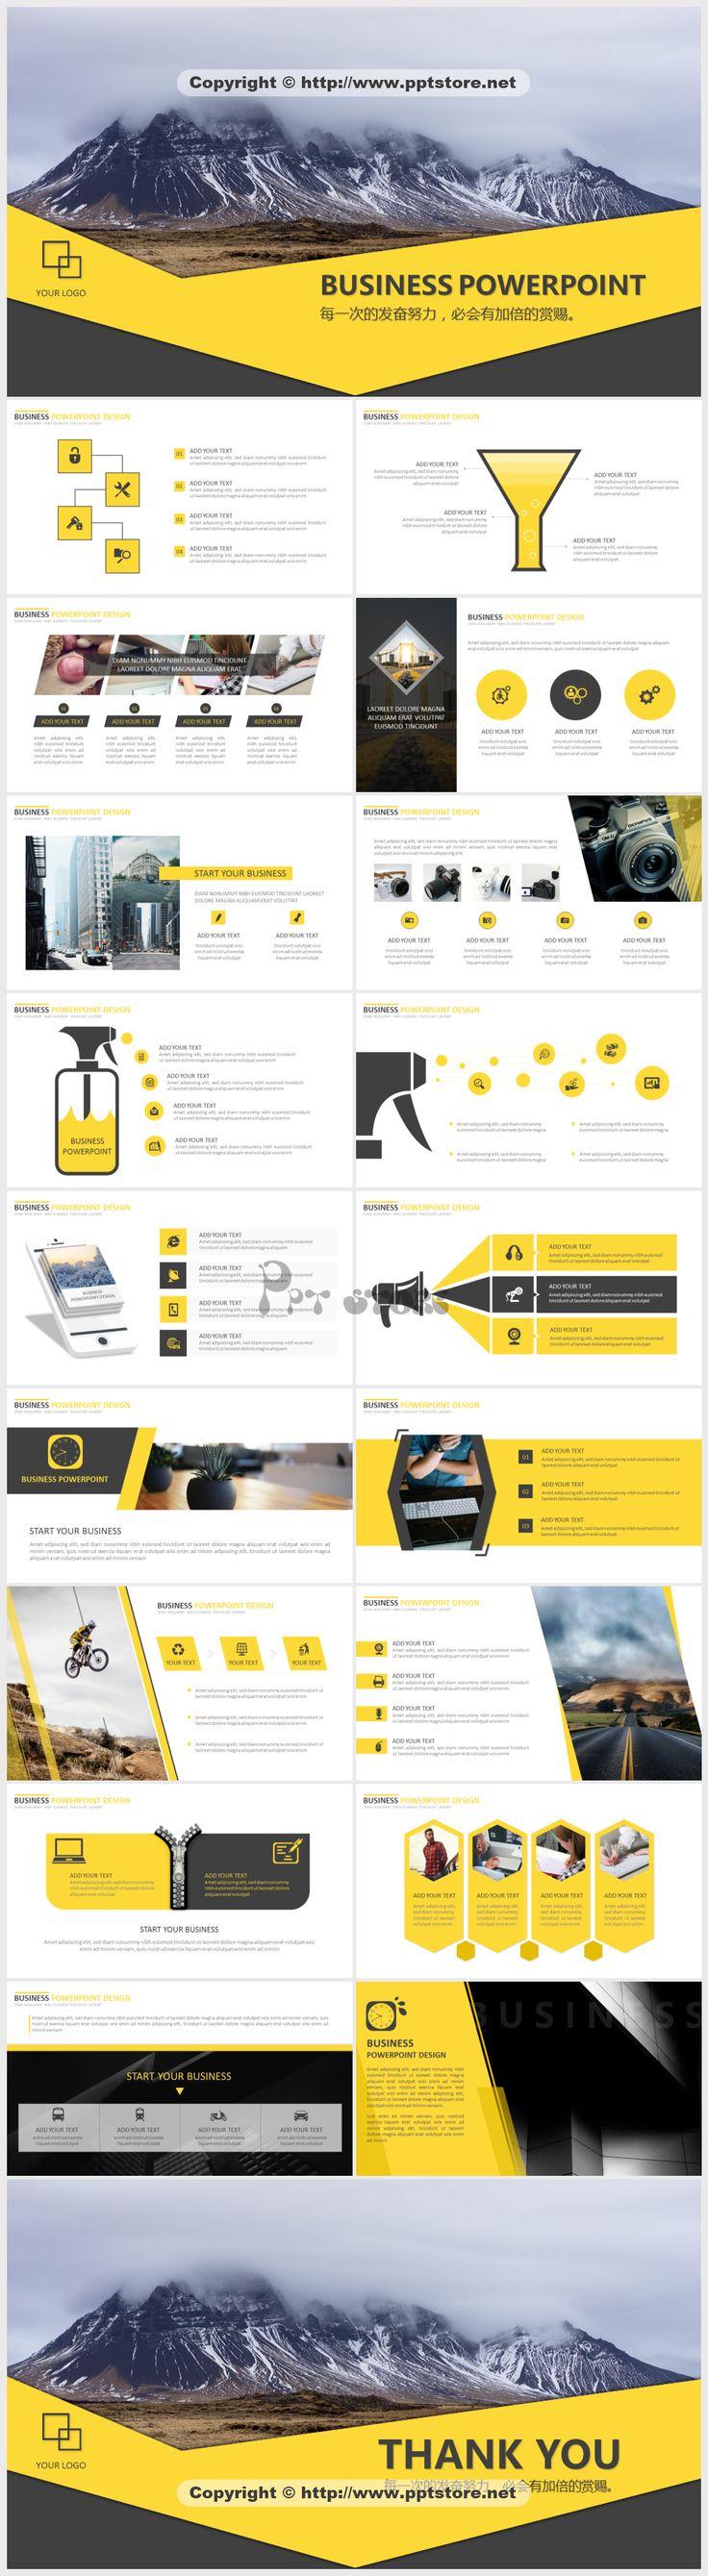 【【黄色9】大气商务工作报告PPT模板【123】】-PPTSTORE